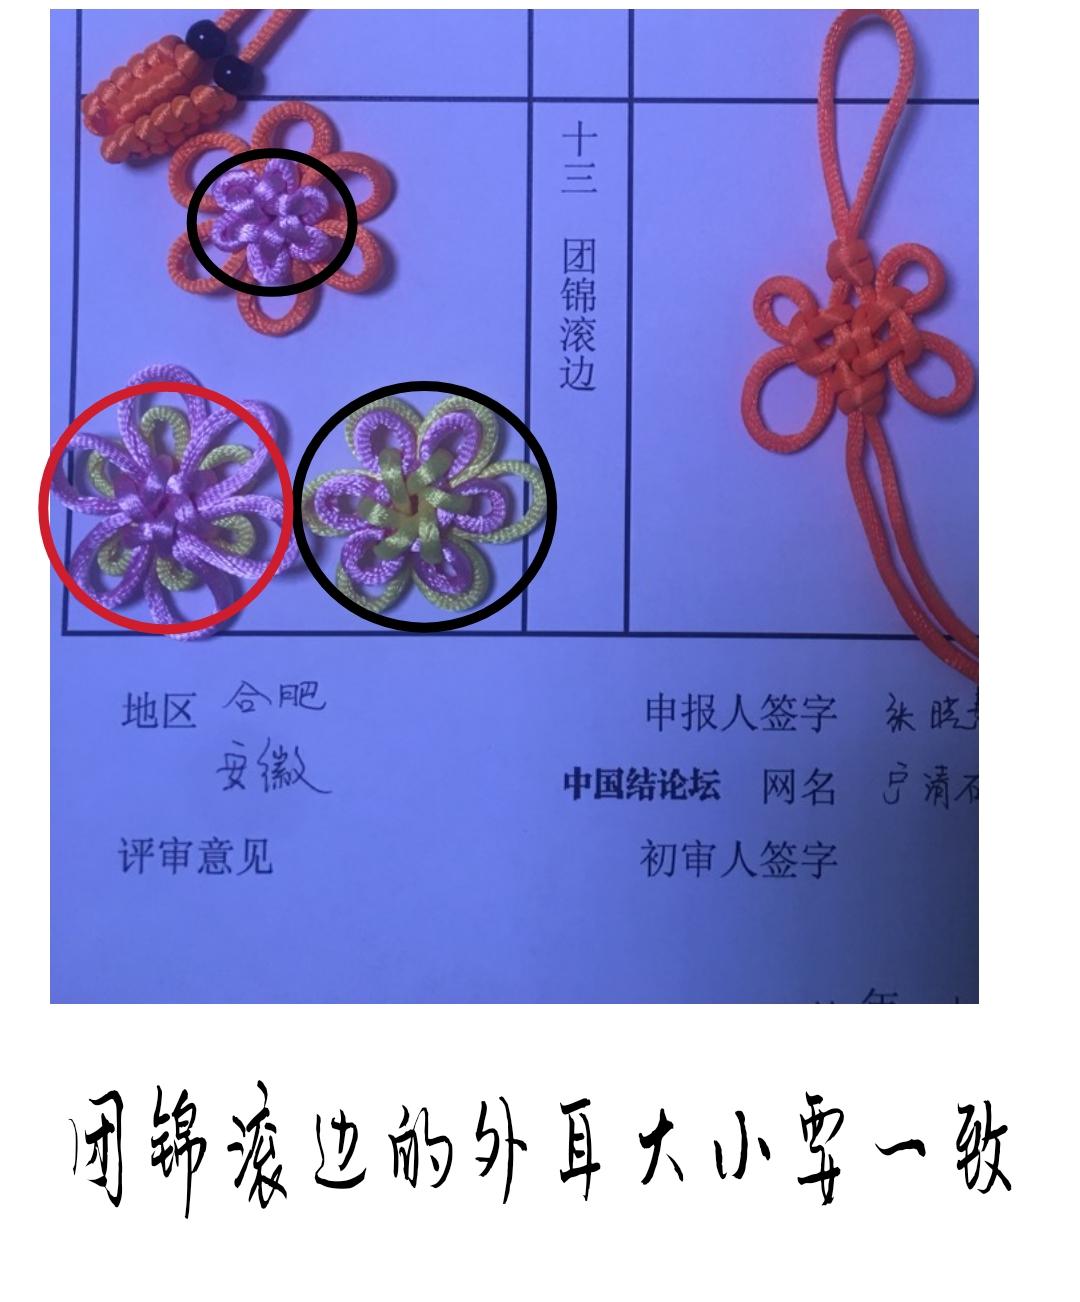 中国结论坛   中国绳结艺术分级达标审核 130915jrqwkz4jq40w90jx